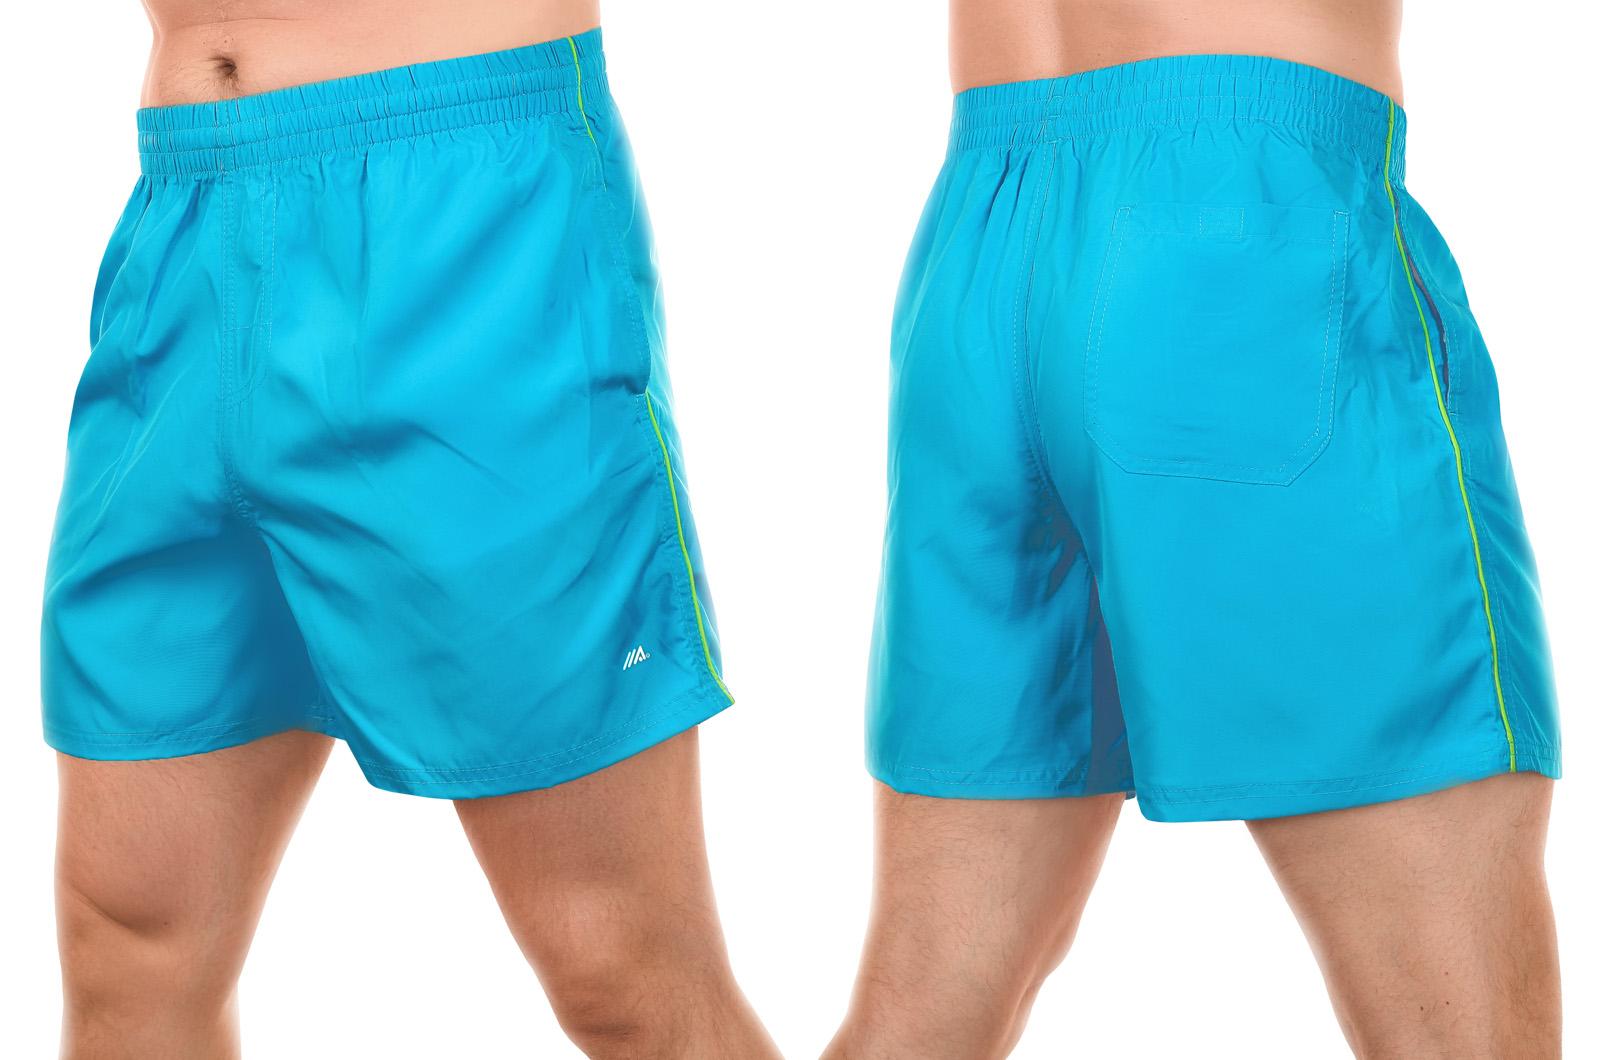 Заказать интригующие мужские шорты от MACE для пляжных знакомств (Канада)